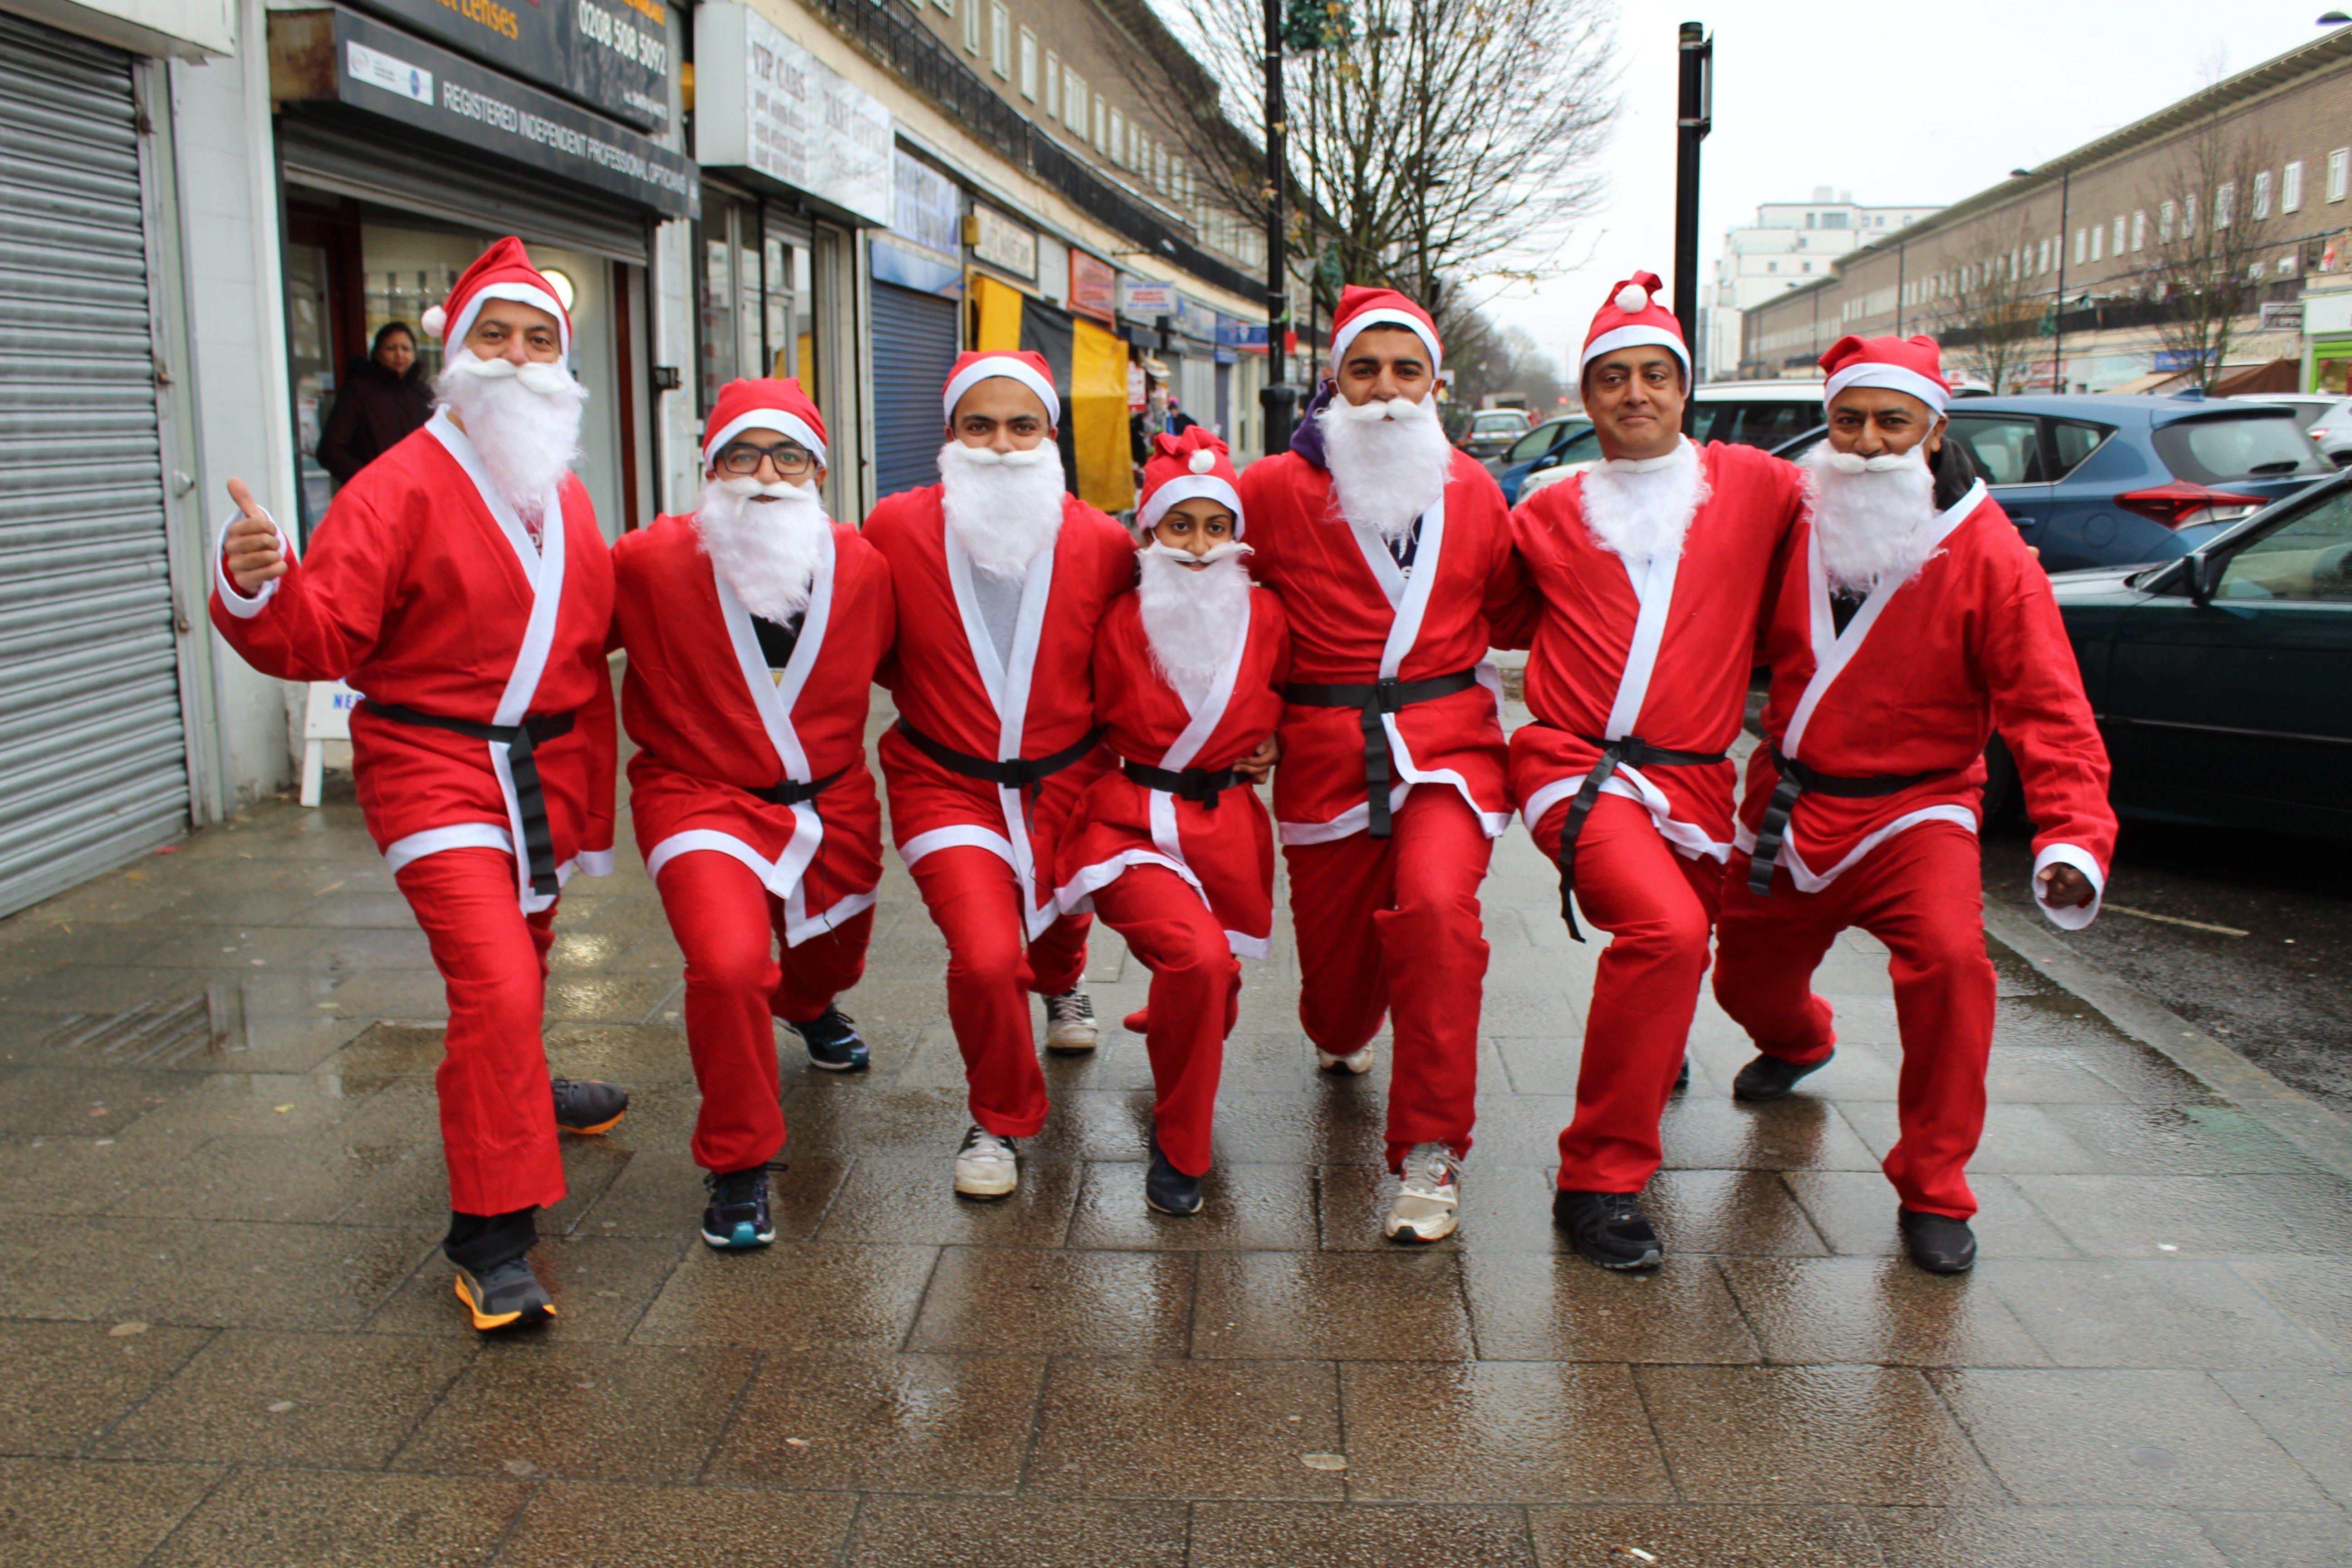 Santa Runner group